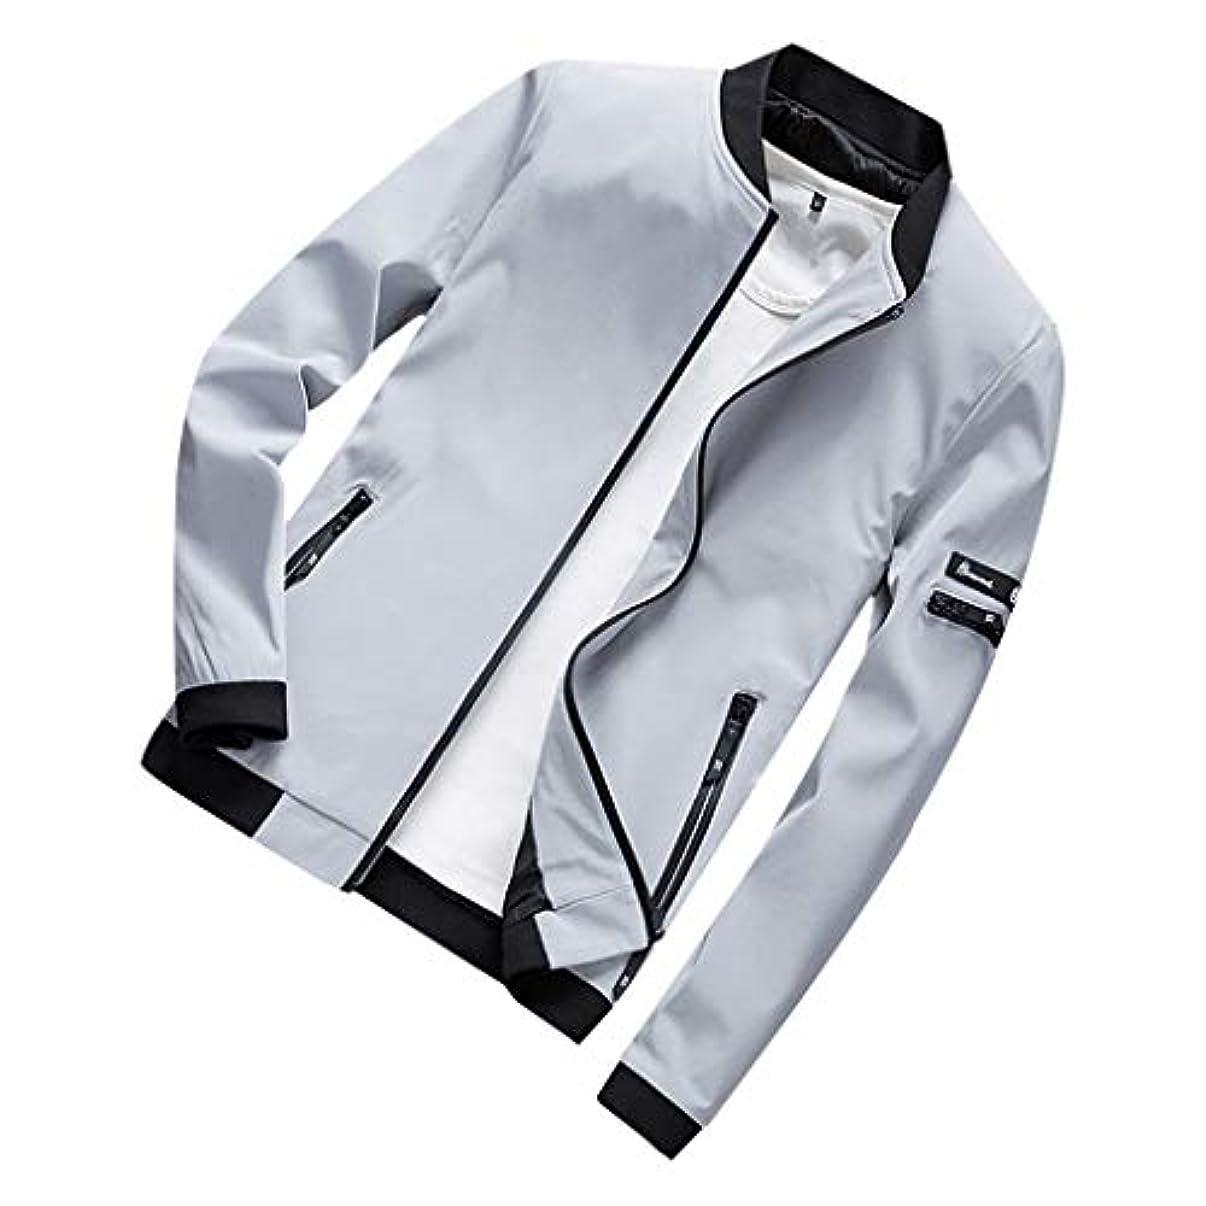 賠償手数料早めるジャケット メンズ コート ブルゾン 秋 冬 防水 無地 カジュアル 綿 大きいサイズ アウター 黒 ストレッチ ビジネスシャツ 細身 ジャケット